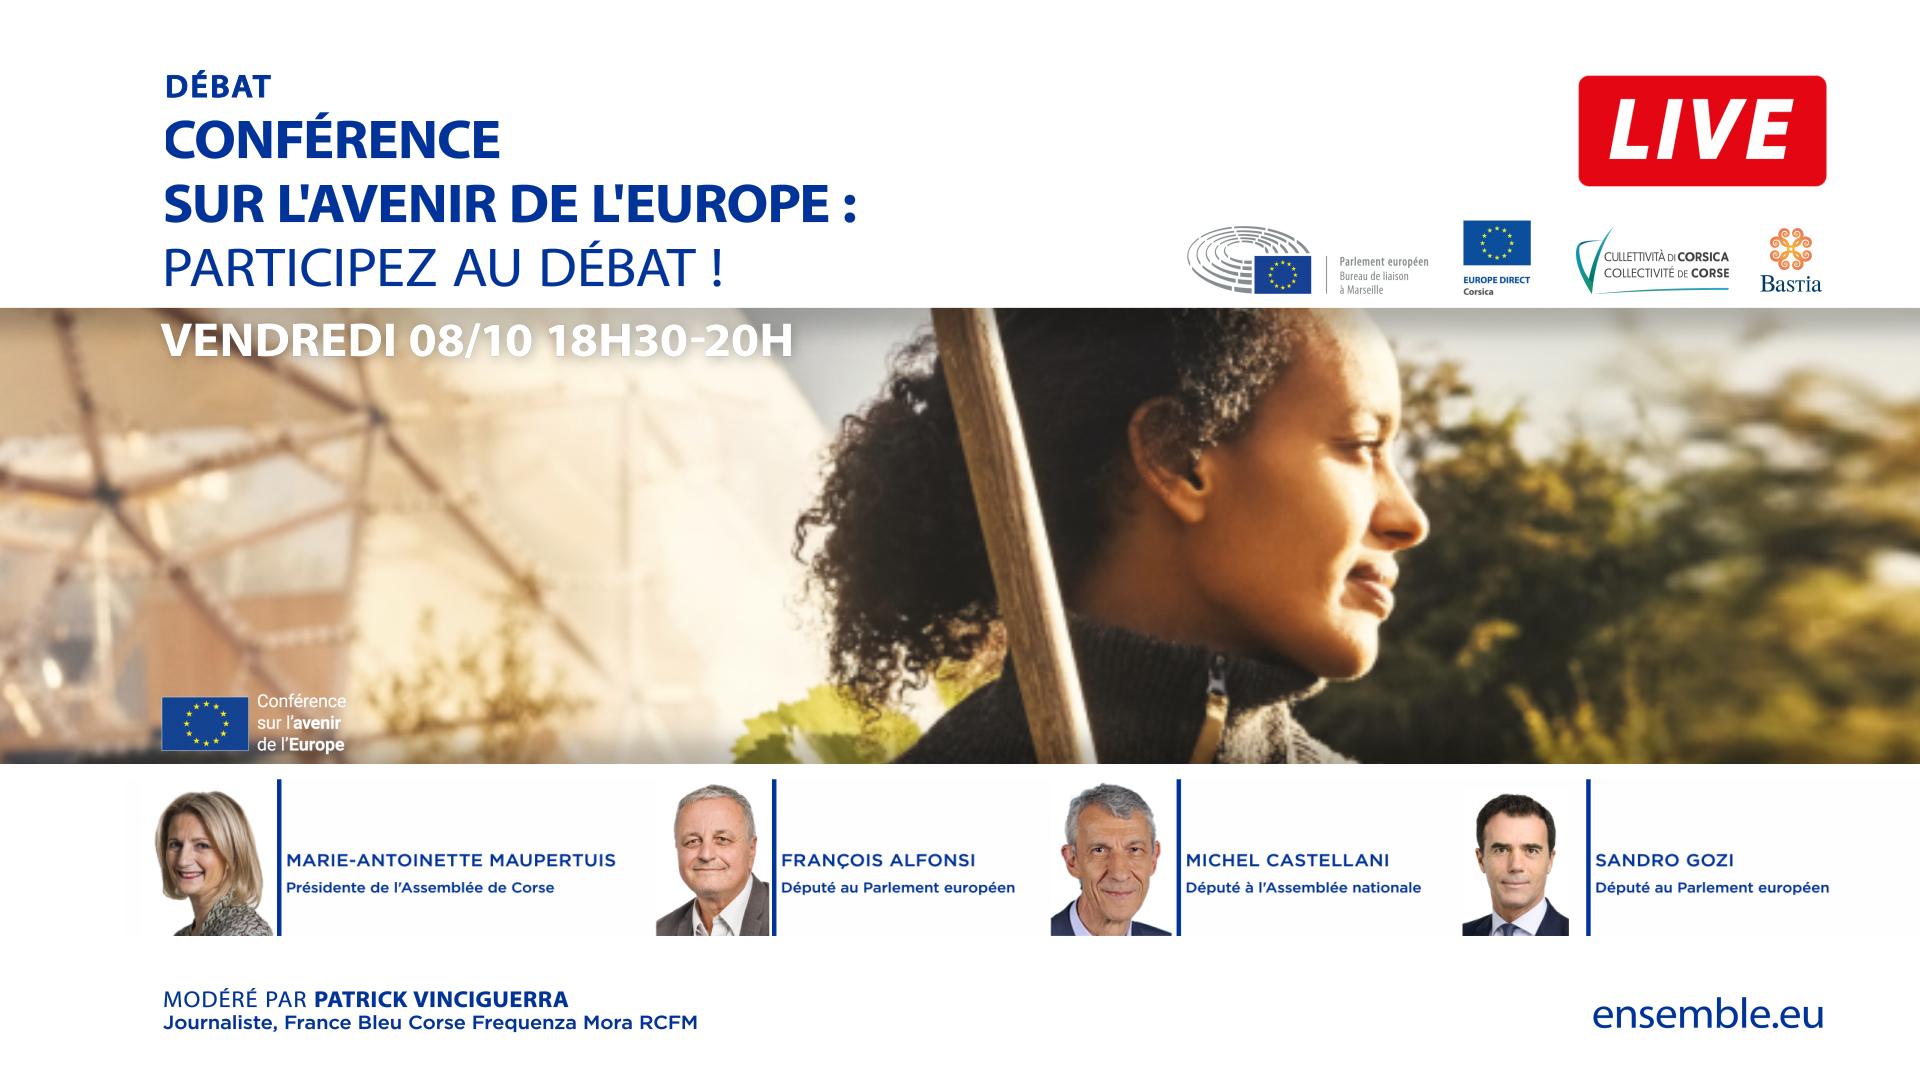 Participez au débat sur l'avenir de l'Europe !